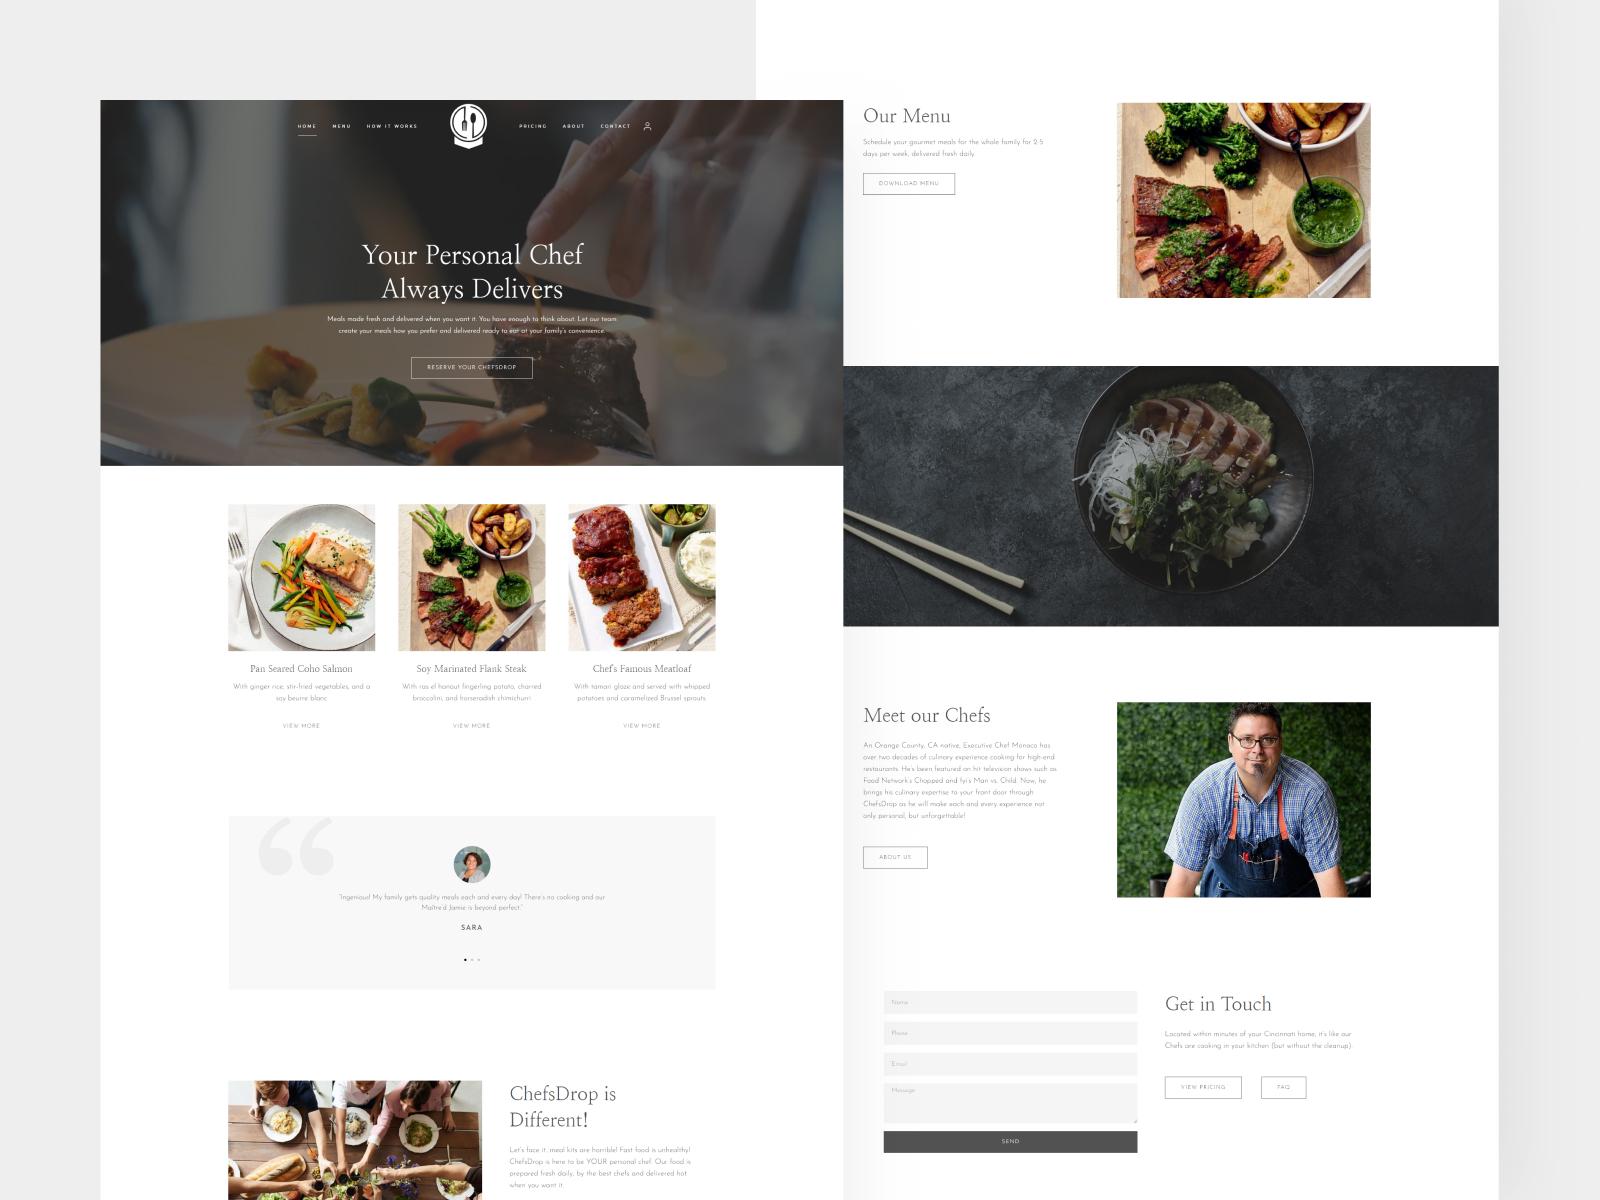 Chefsdrop Website Design and Development